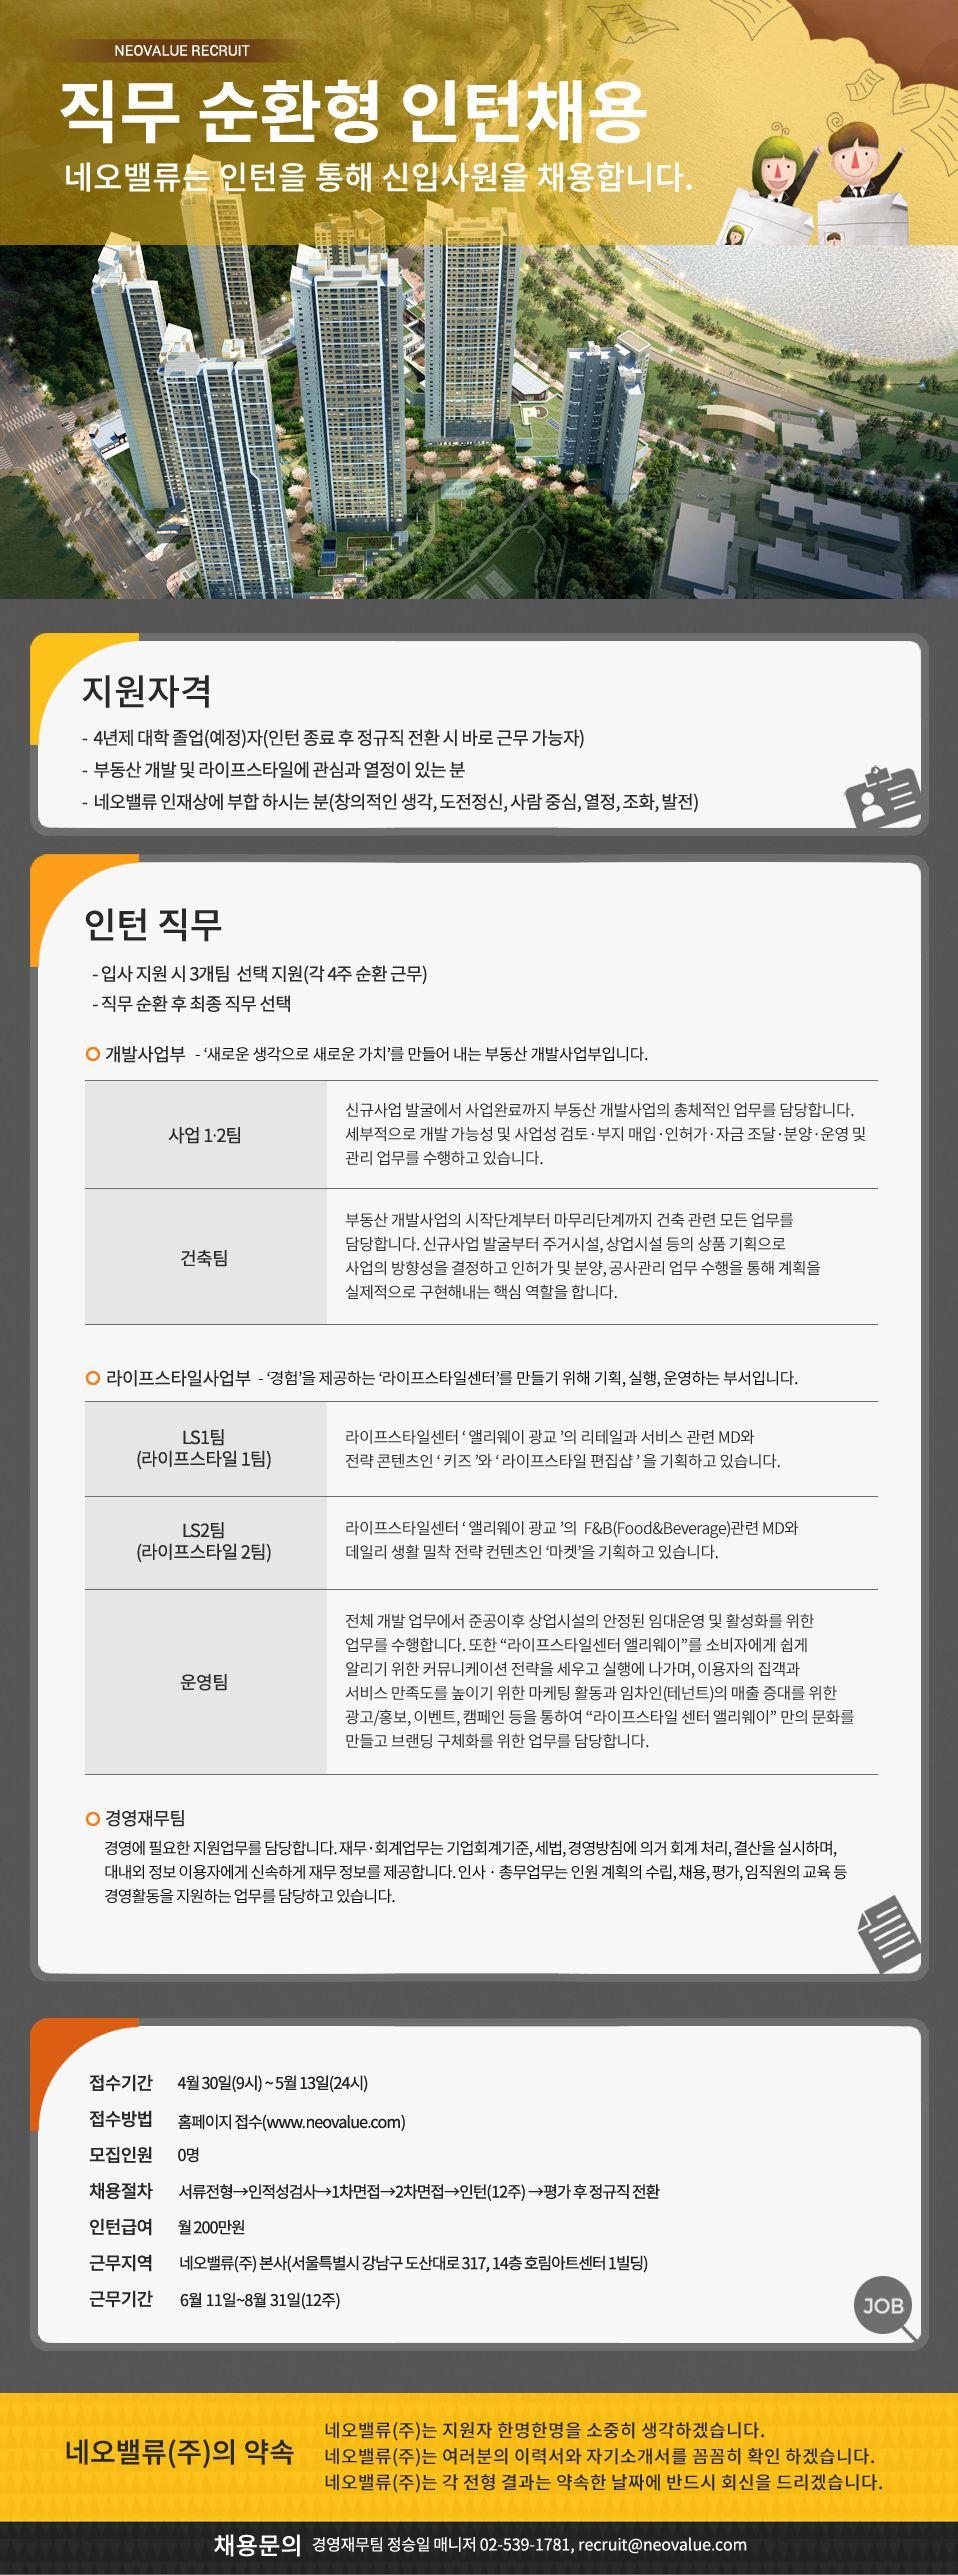 [네오밸류] 2018년 상반기 직무 순환형 인턴 채용